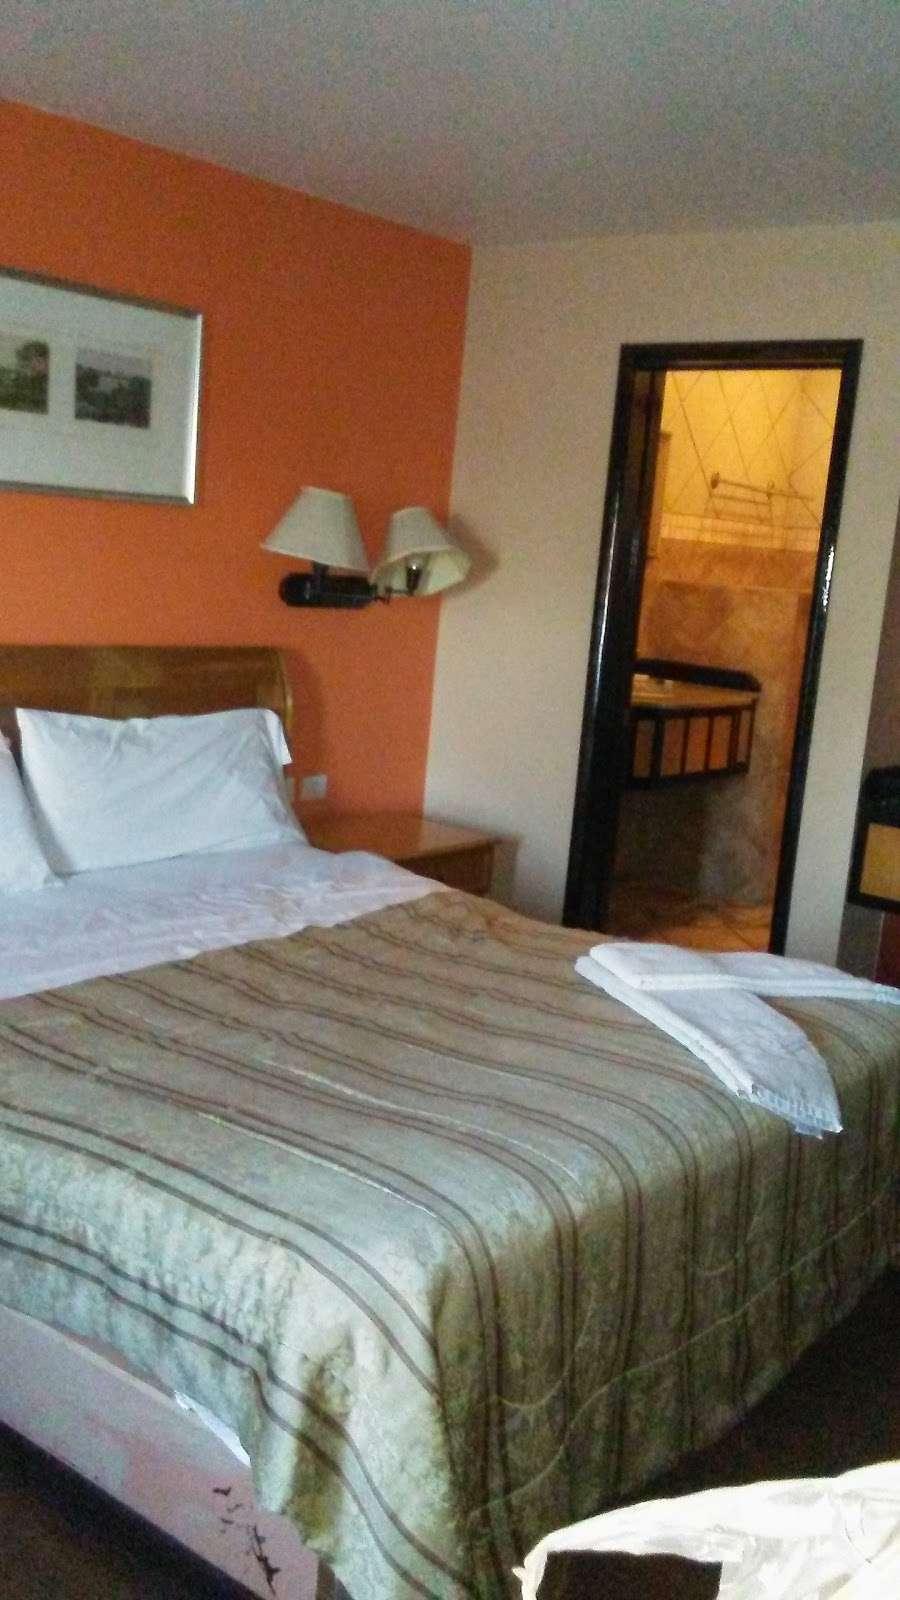 Motel El Mirador - lodging  | Photo 2 of 10 | Address: Gral. Ramón Arnaiz, Soler, 22530 Tijuana, B.C., Mexico | Phone: 664 166 2761